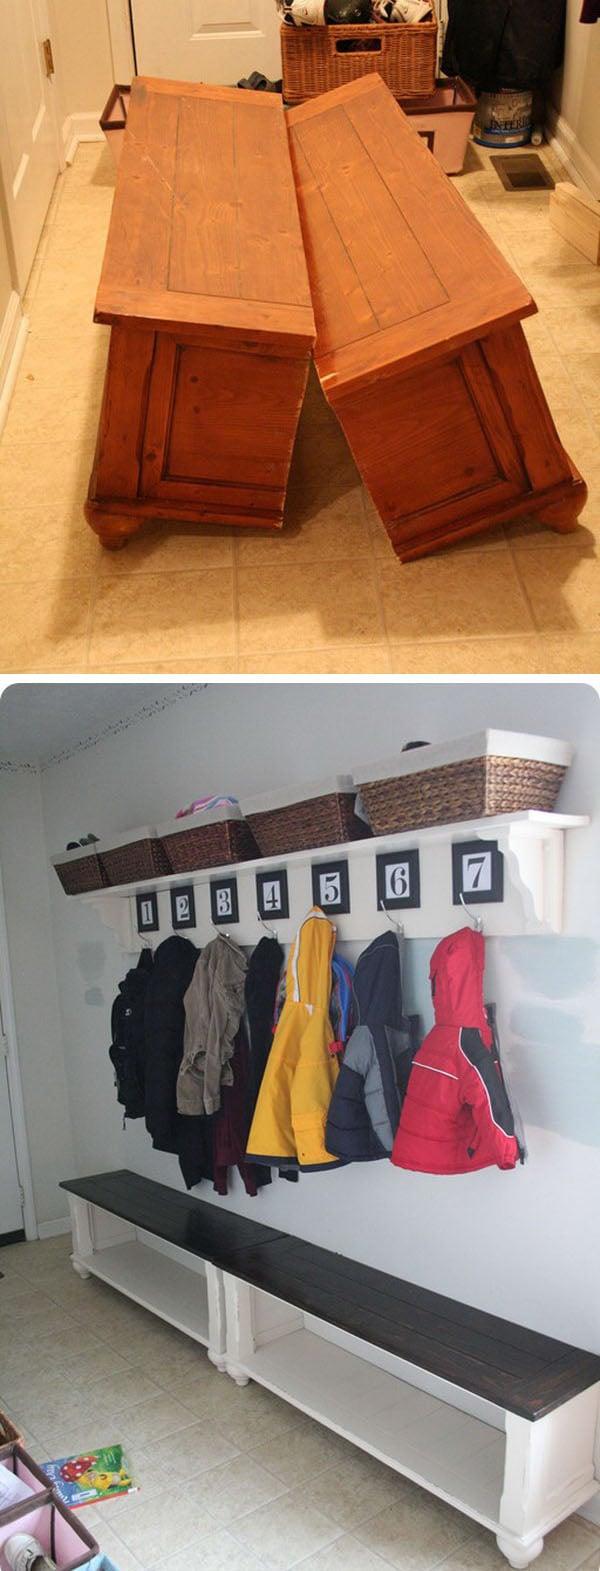 DIY Ideen für den Flur